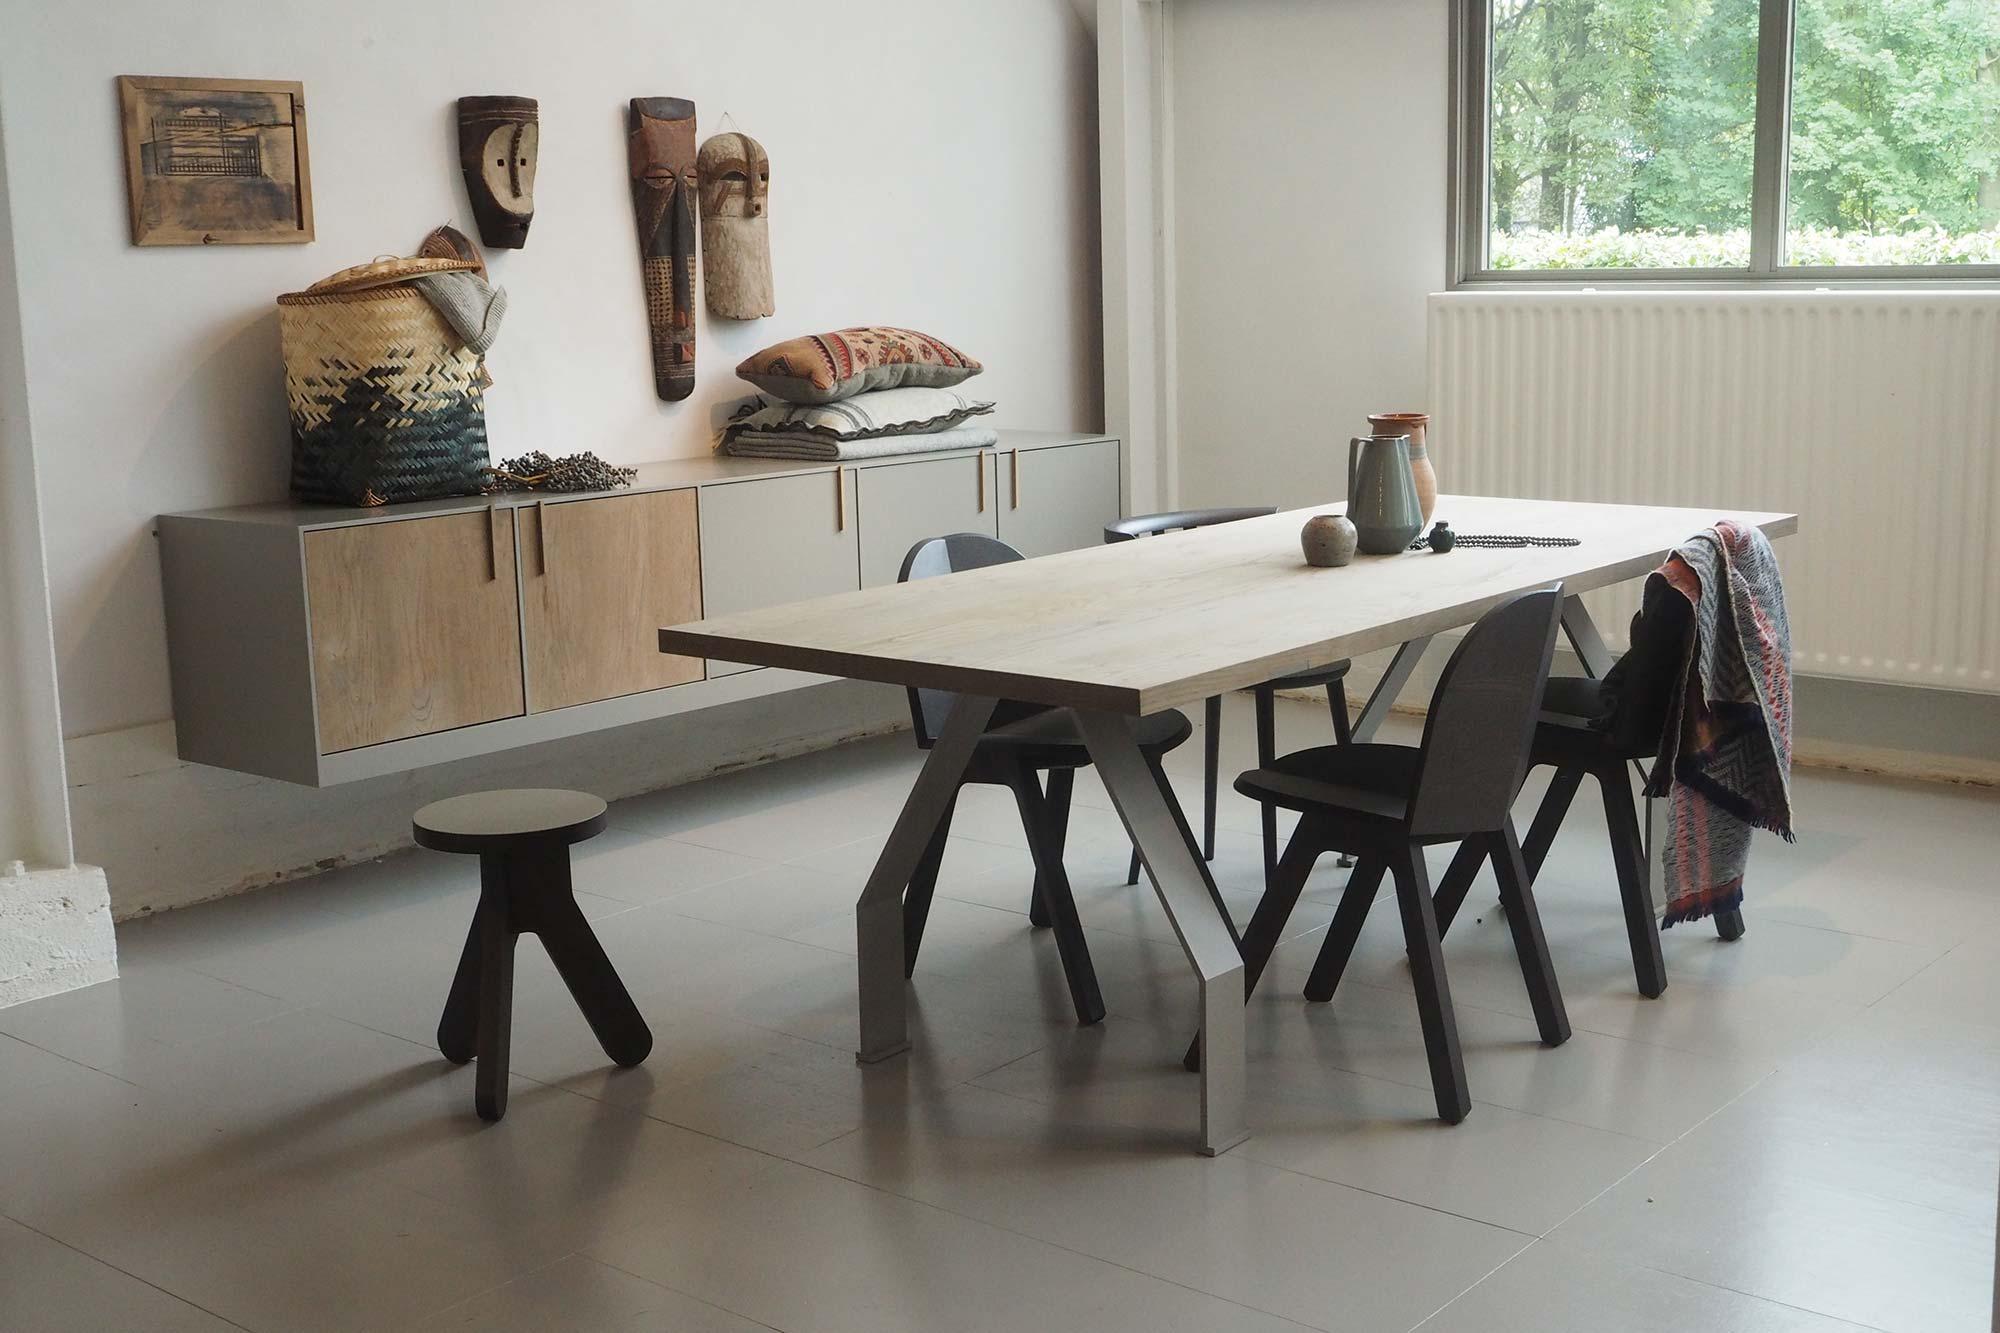 Pilat&Pilat duurzame meubels uit Friesland